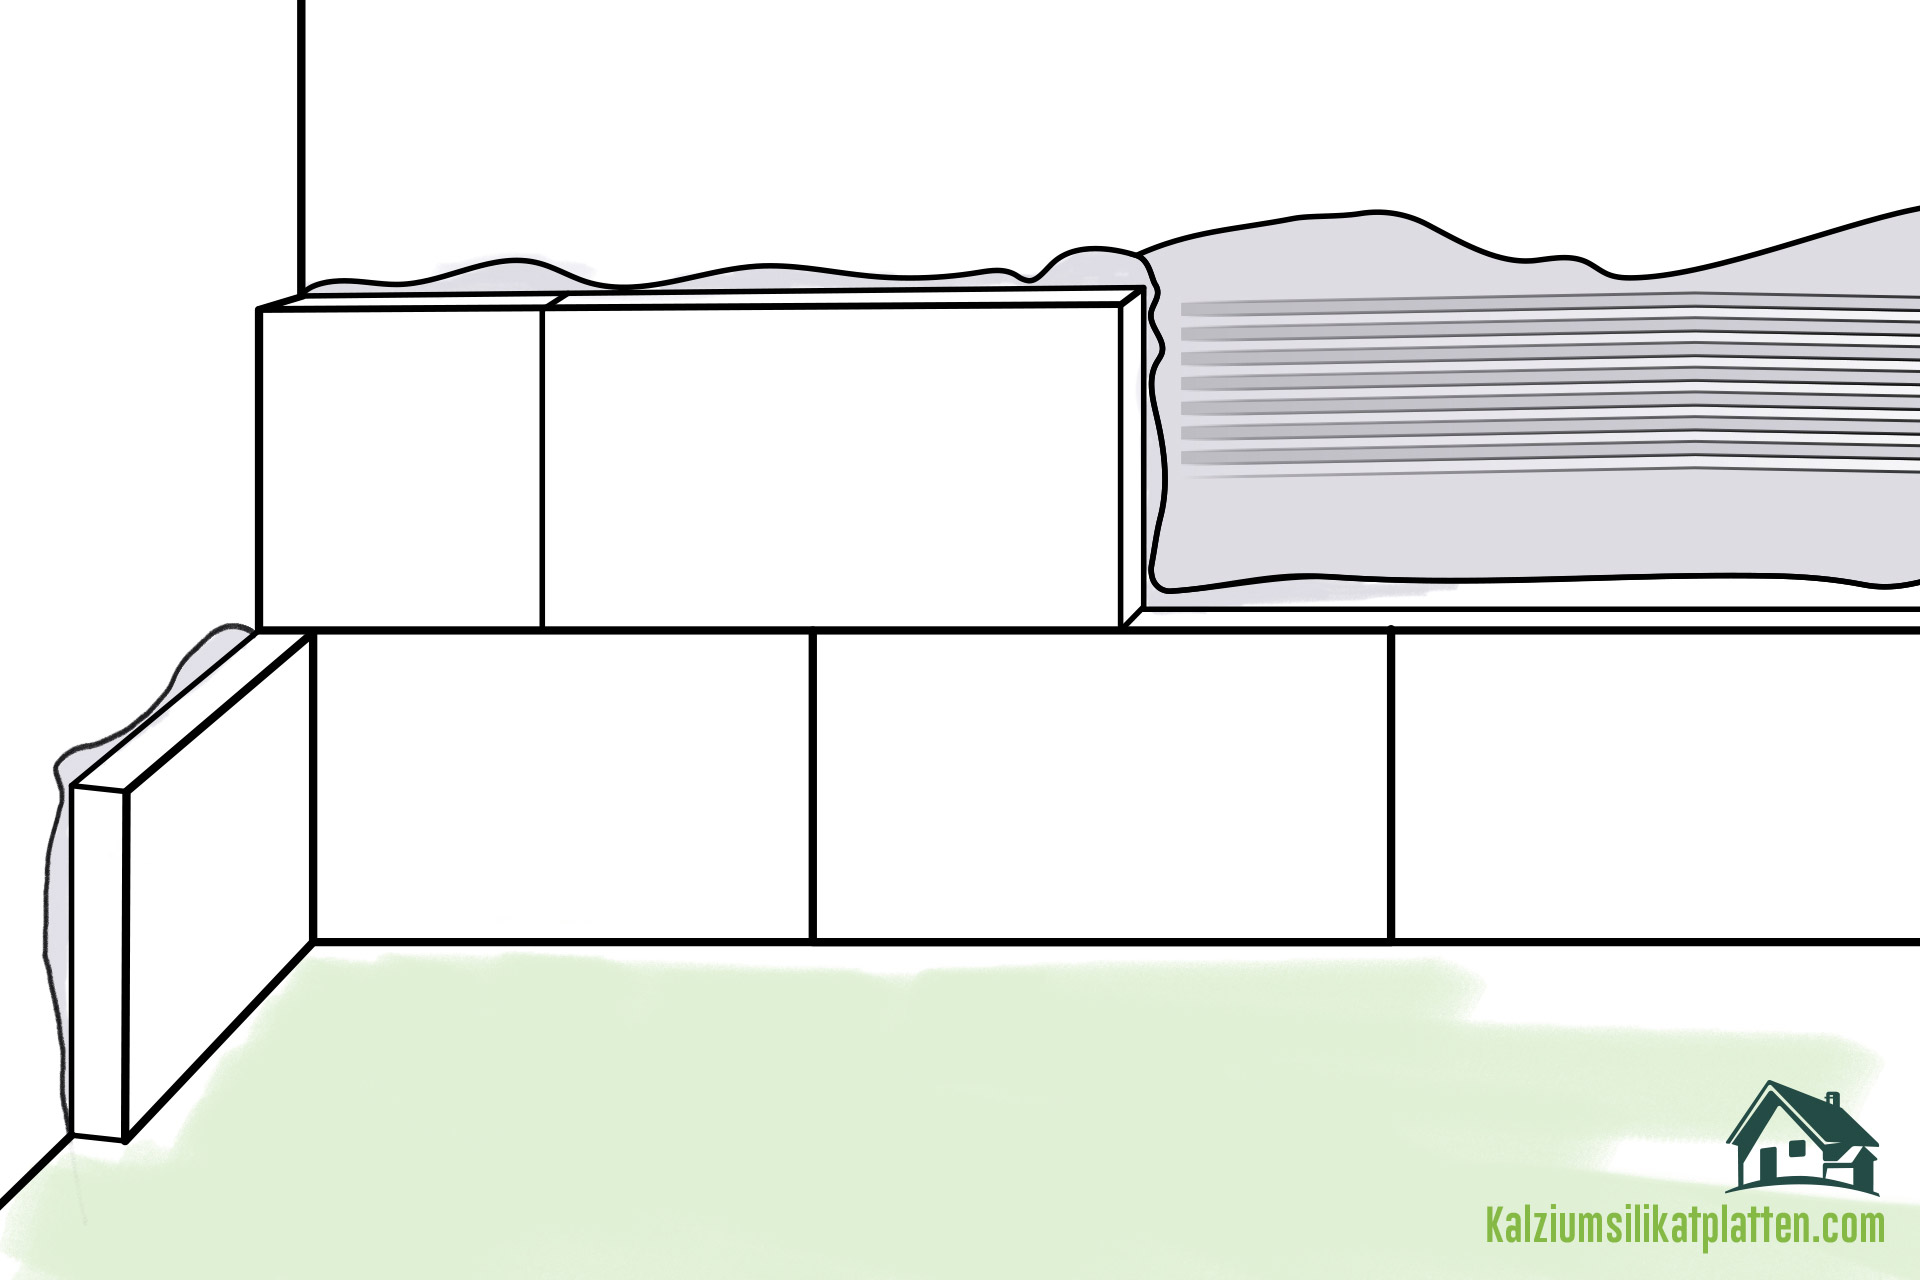 Anleitung zur Verarbeitung von Kalziumsilikatplatten: Silikatkleber aufziehen